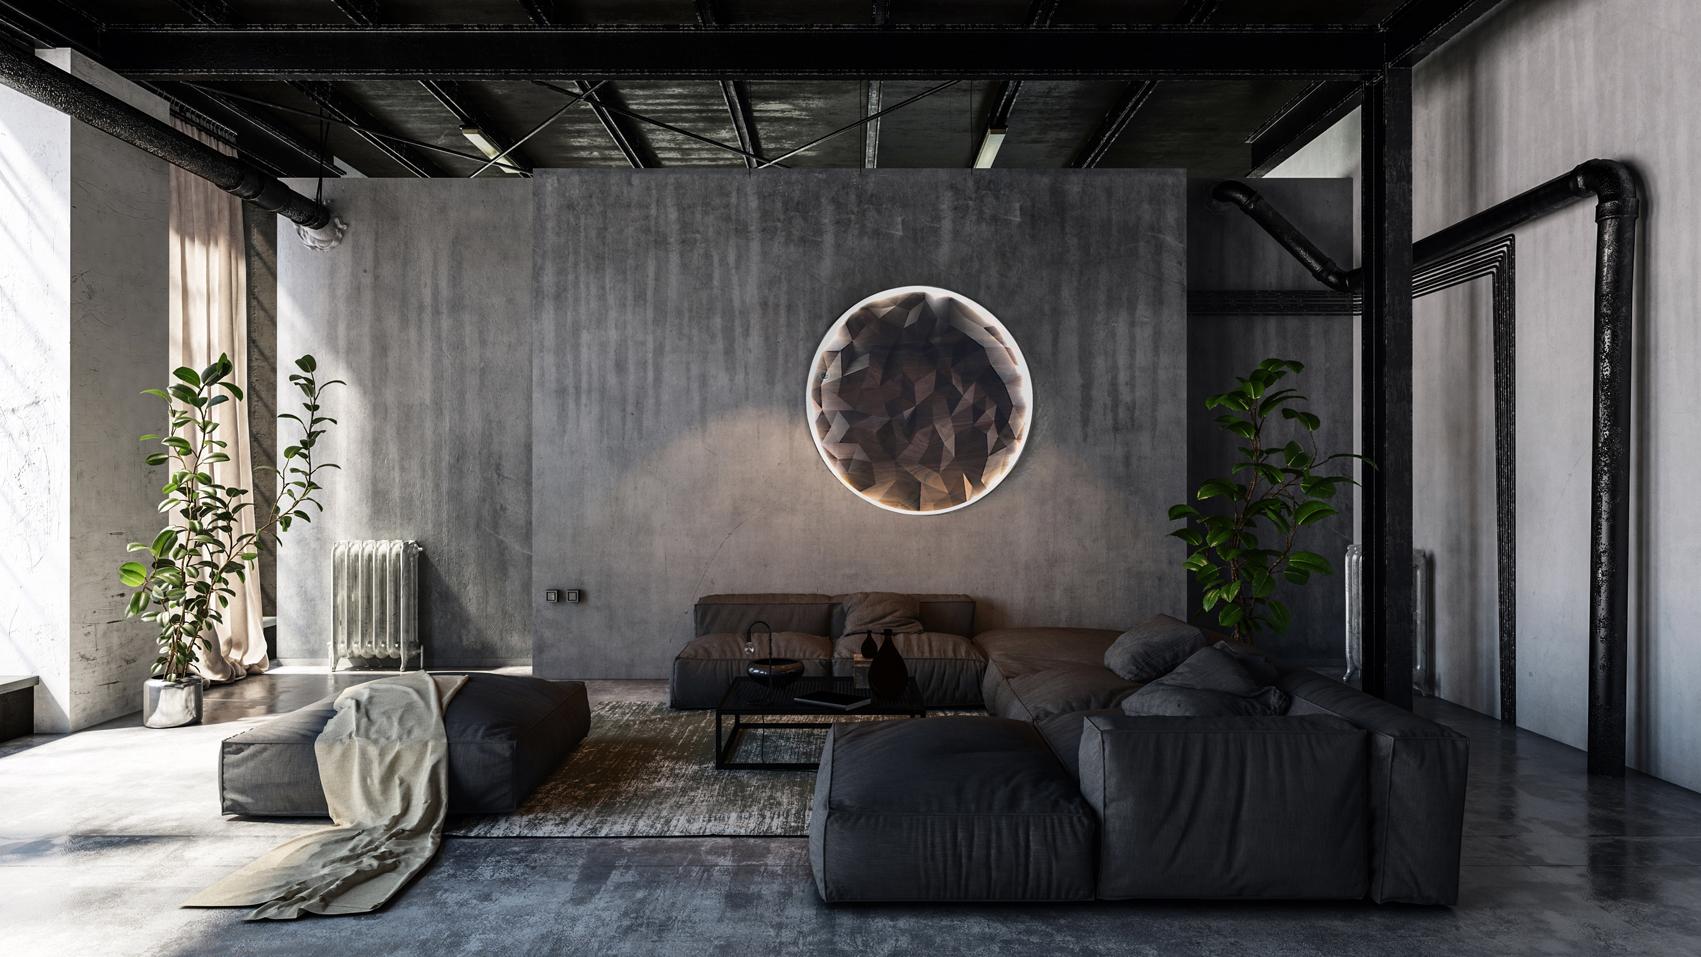 alex_earl_telegon-wall-in-situ-custom-lighting_melbourne_lighting_product.jpg